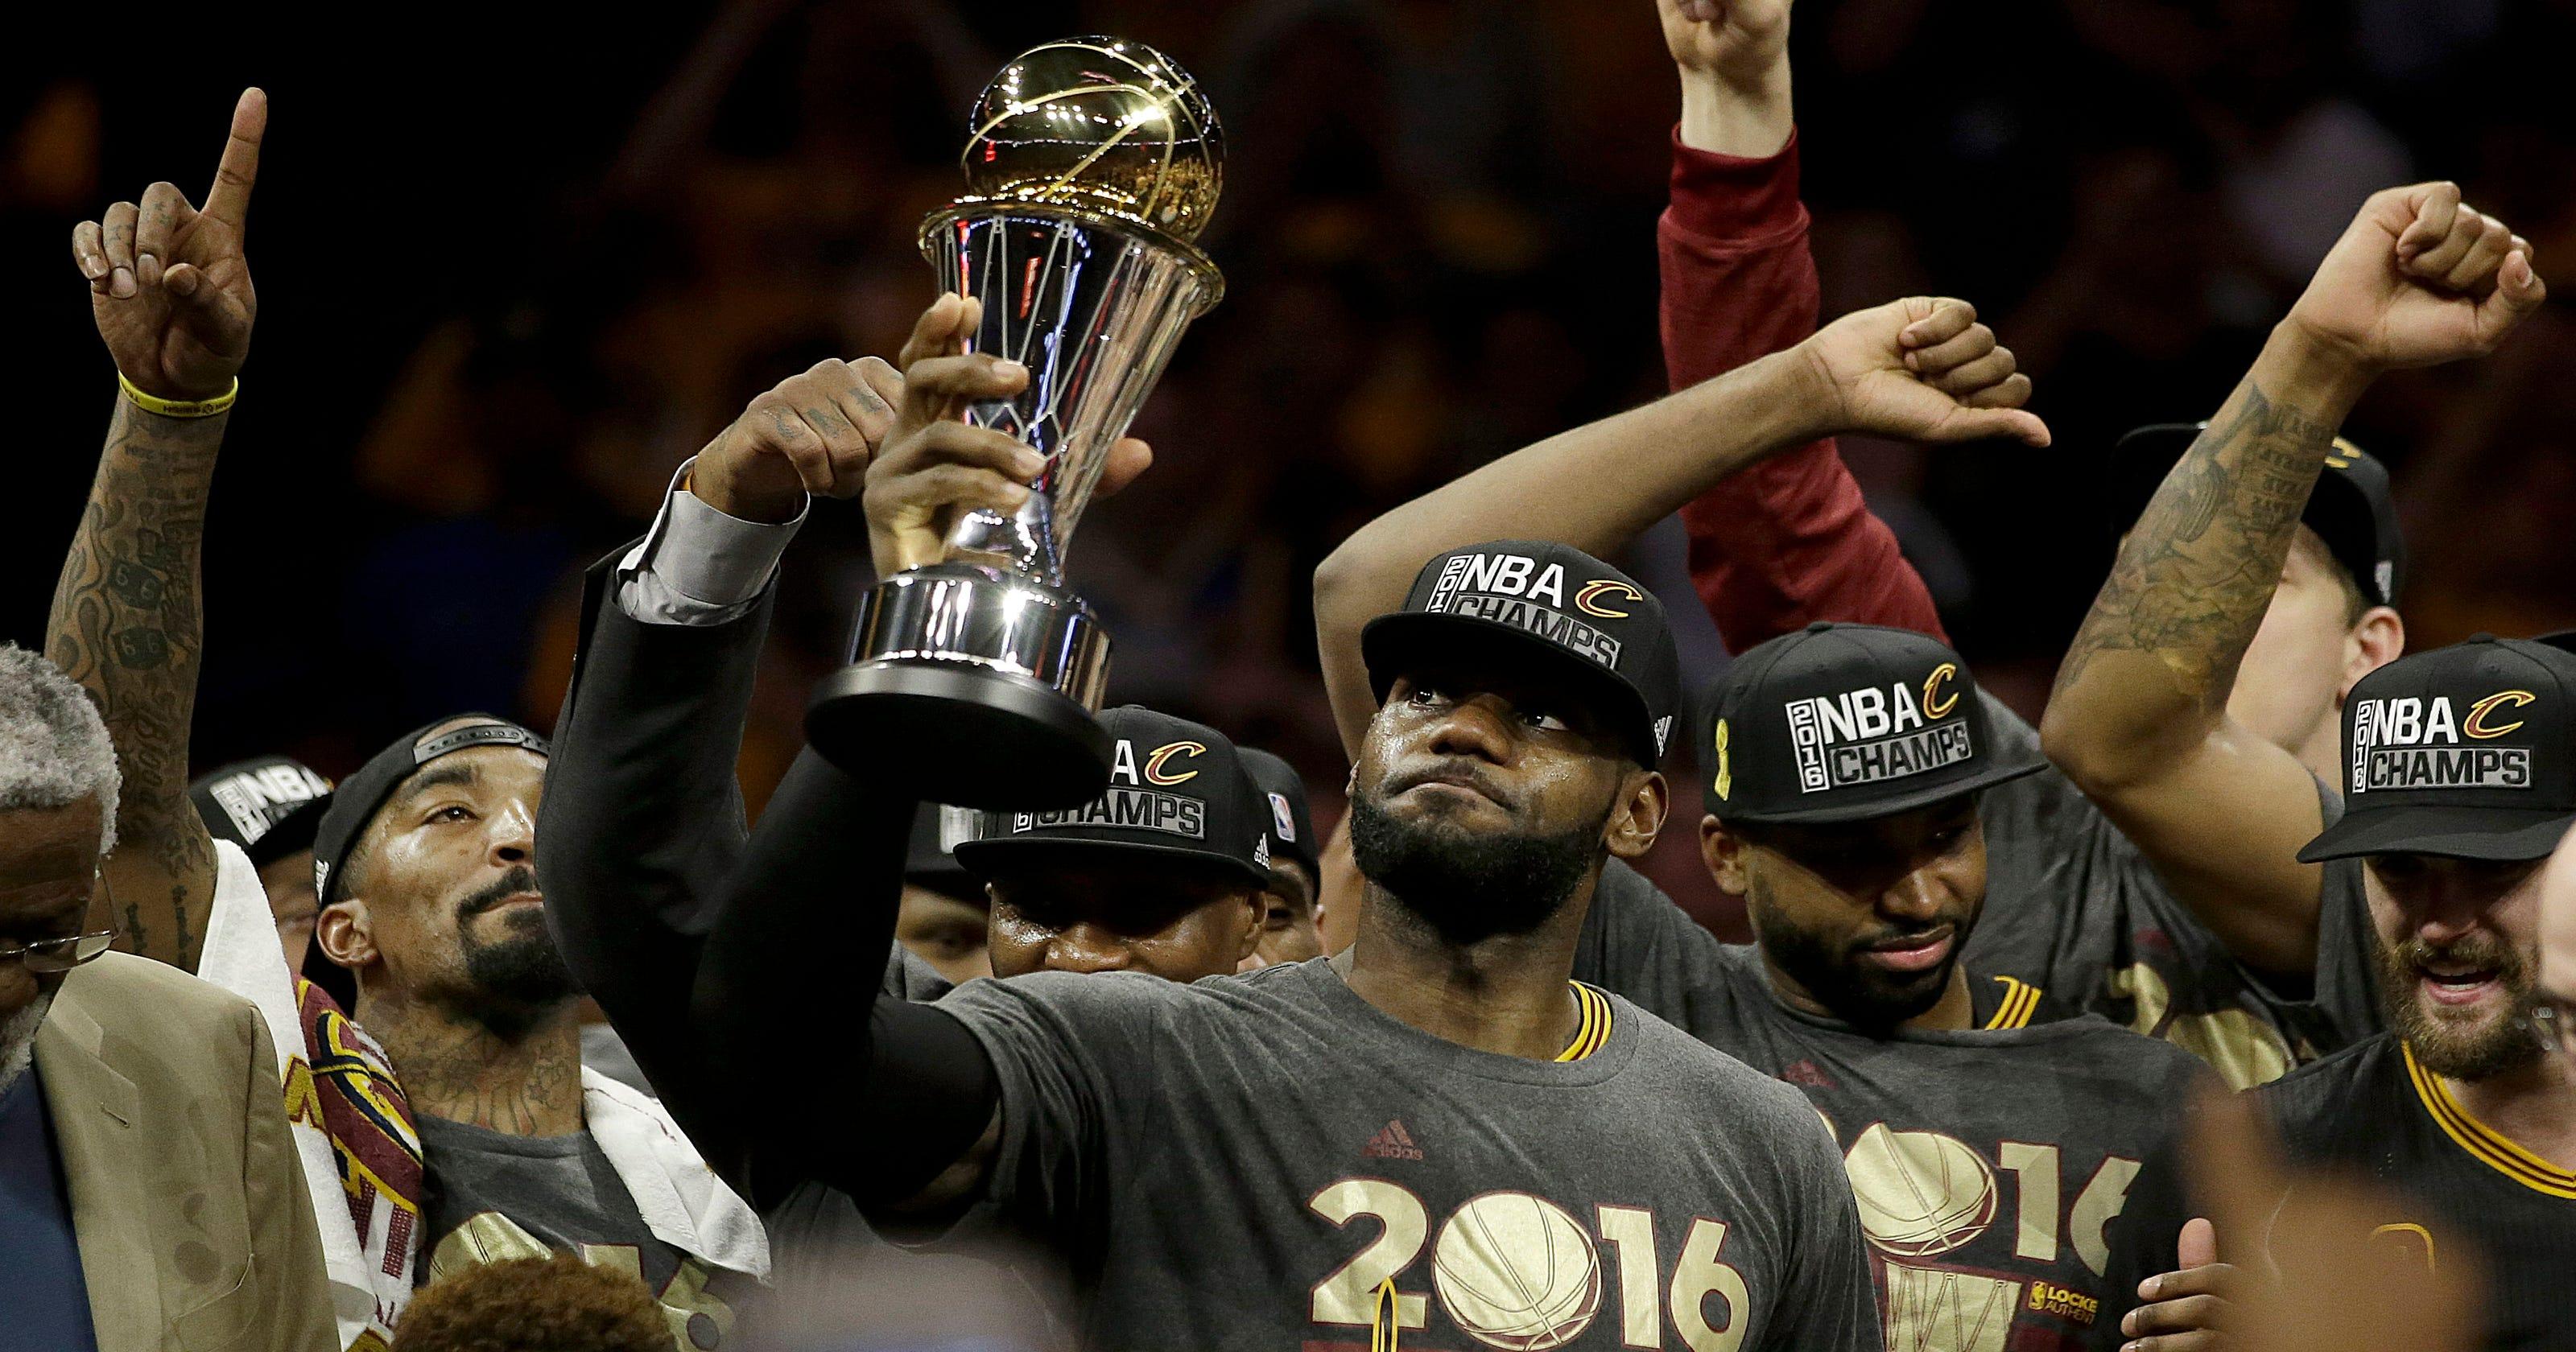 2016 NBA Finals scores